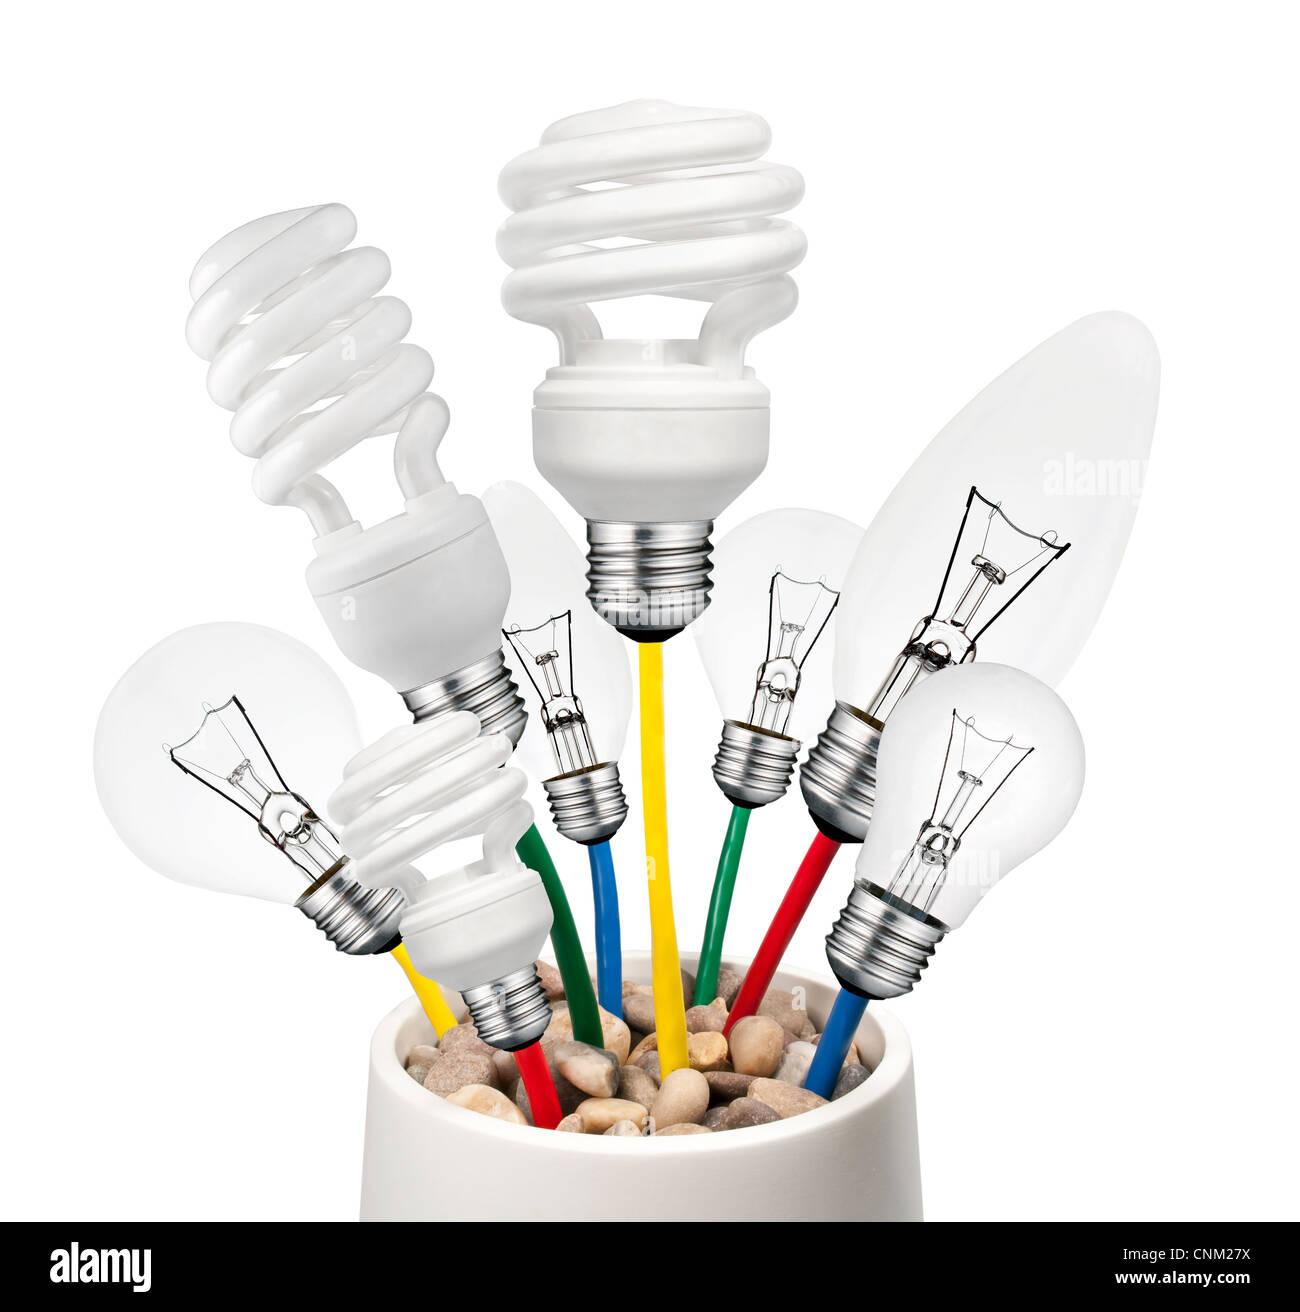 Nuevas ideas - Solución de problemas - ligth bulbos crecen fuera de un pote Imagen De Stock